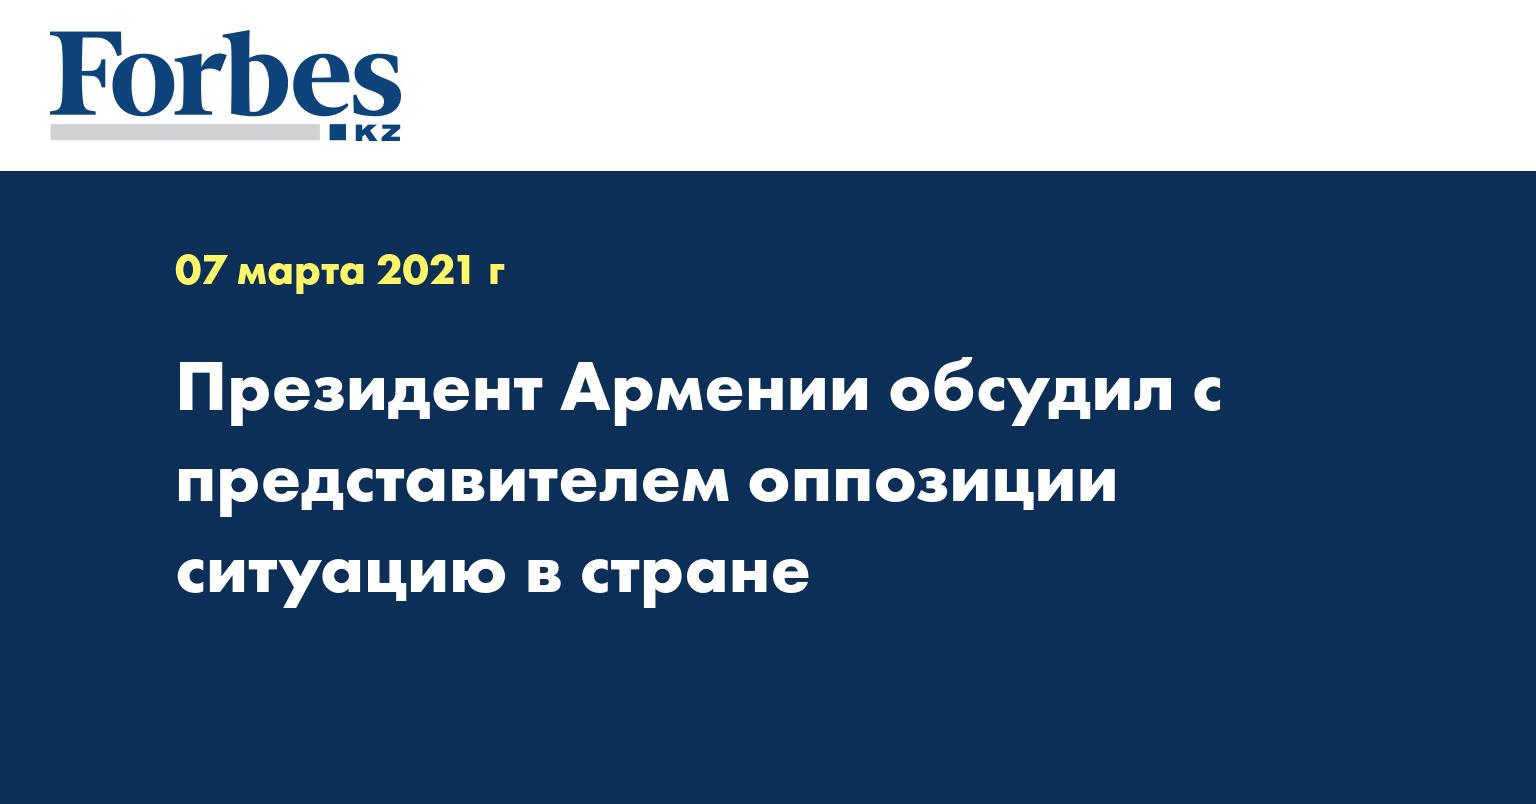 Президент Армении обсудил с представителем оппозиции ситуацию в стране